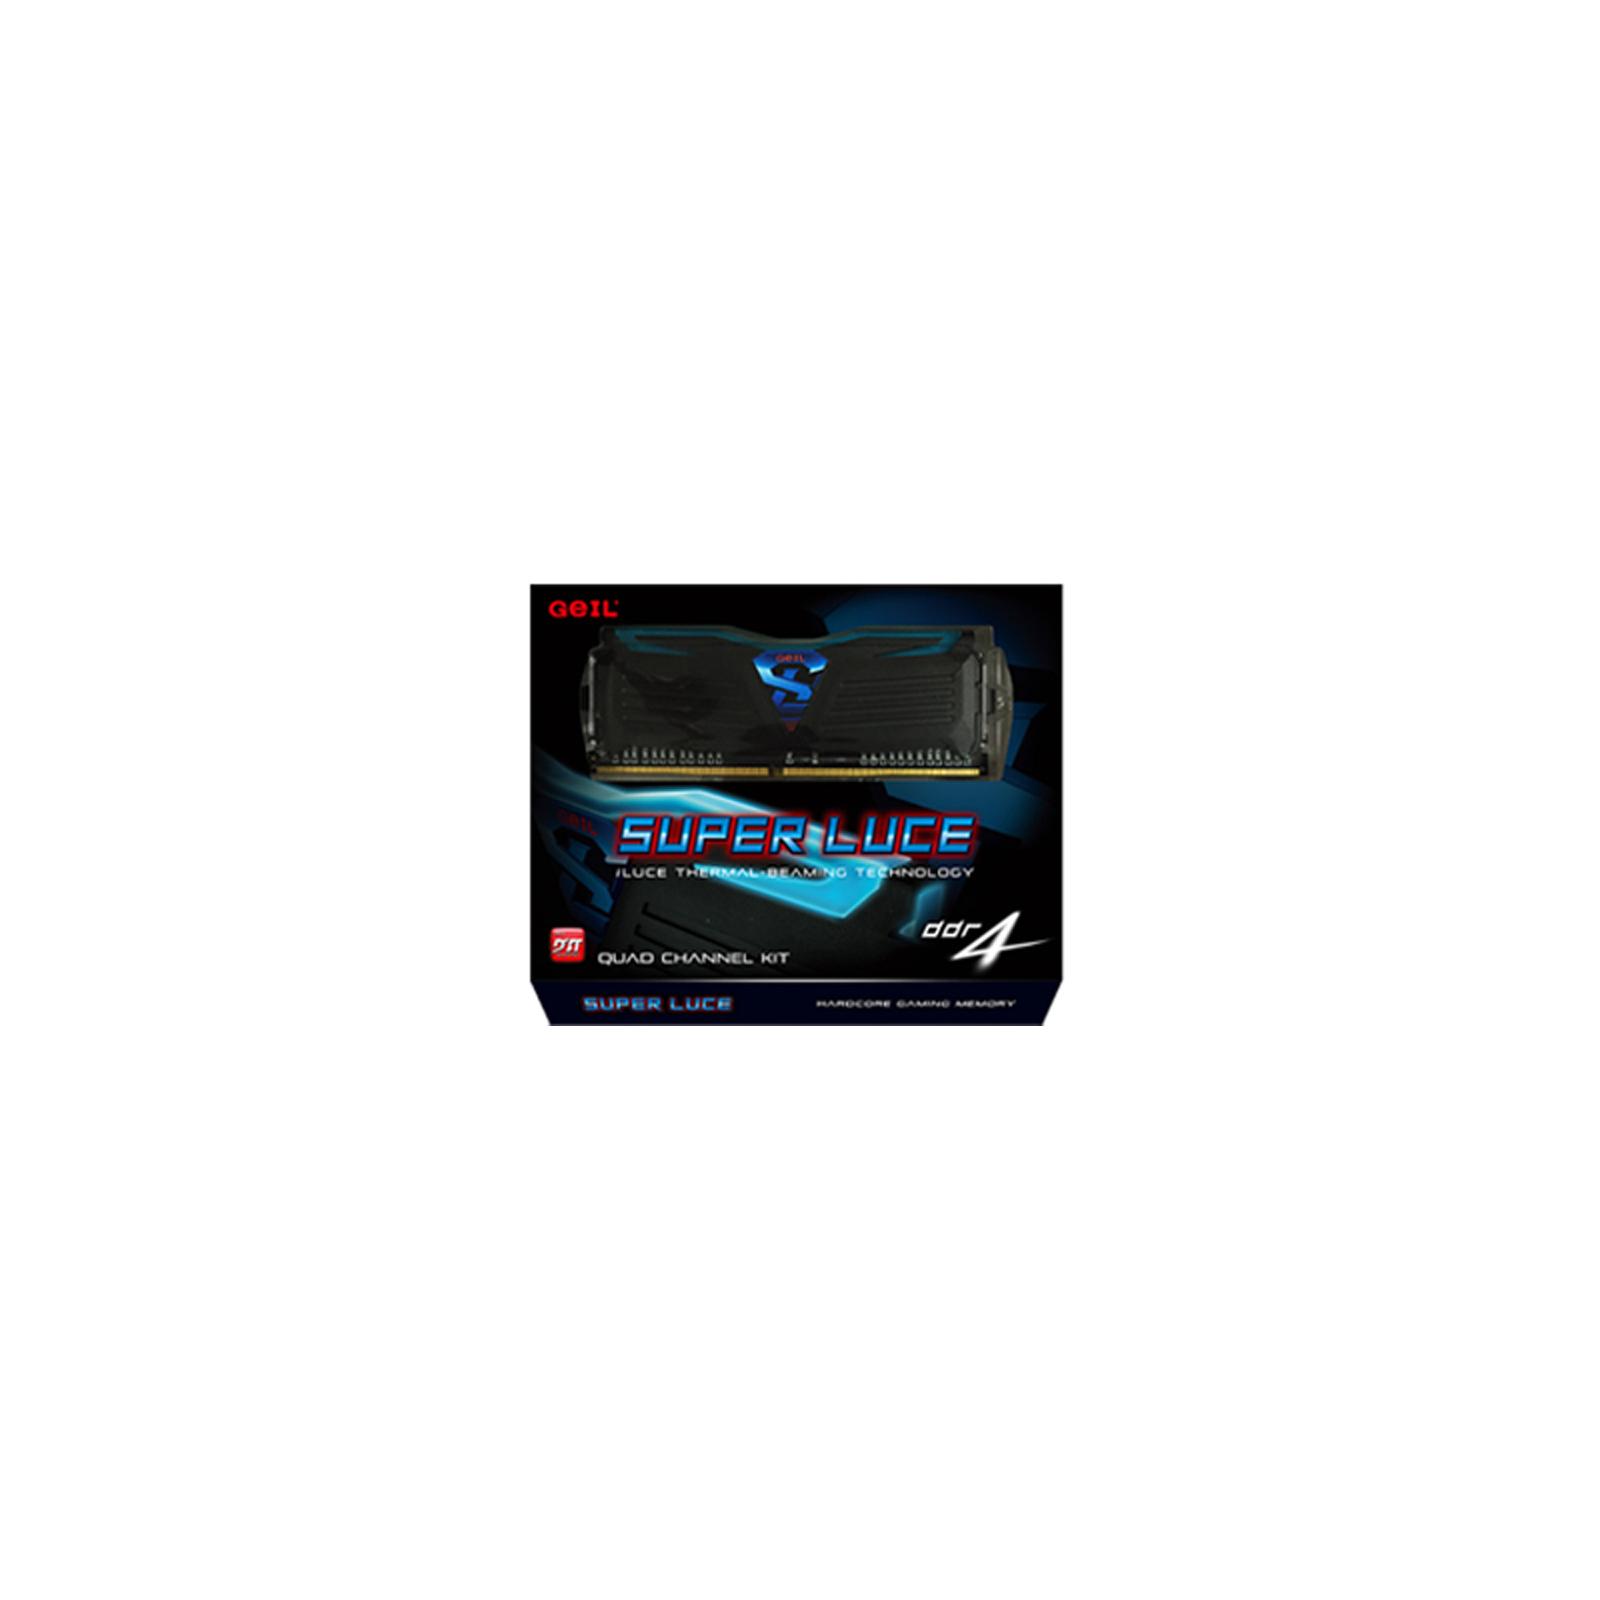 Модуль памяти для компьютера DDR4 8GB (2x4GB) 2666 MHz Super Luce GEIL (GLB48GB2666C15DC) изображение 3